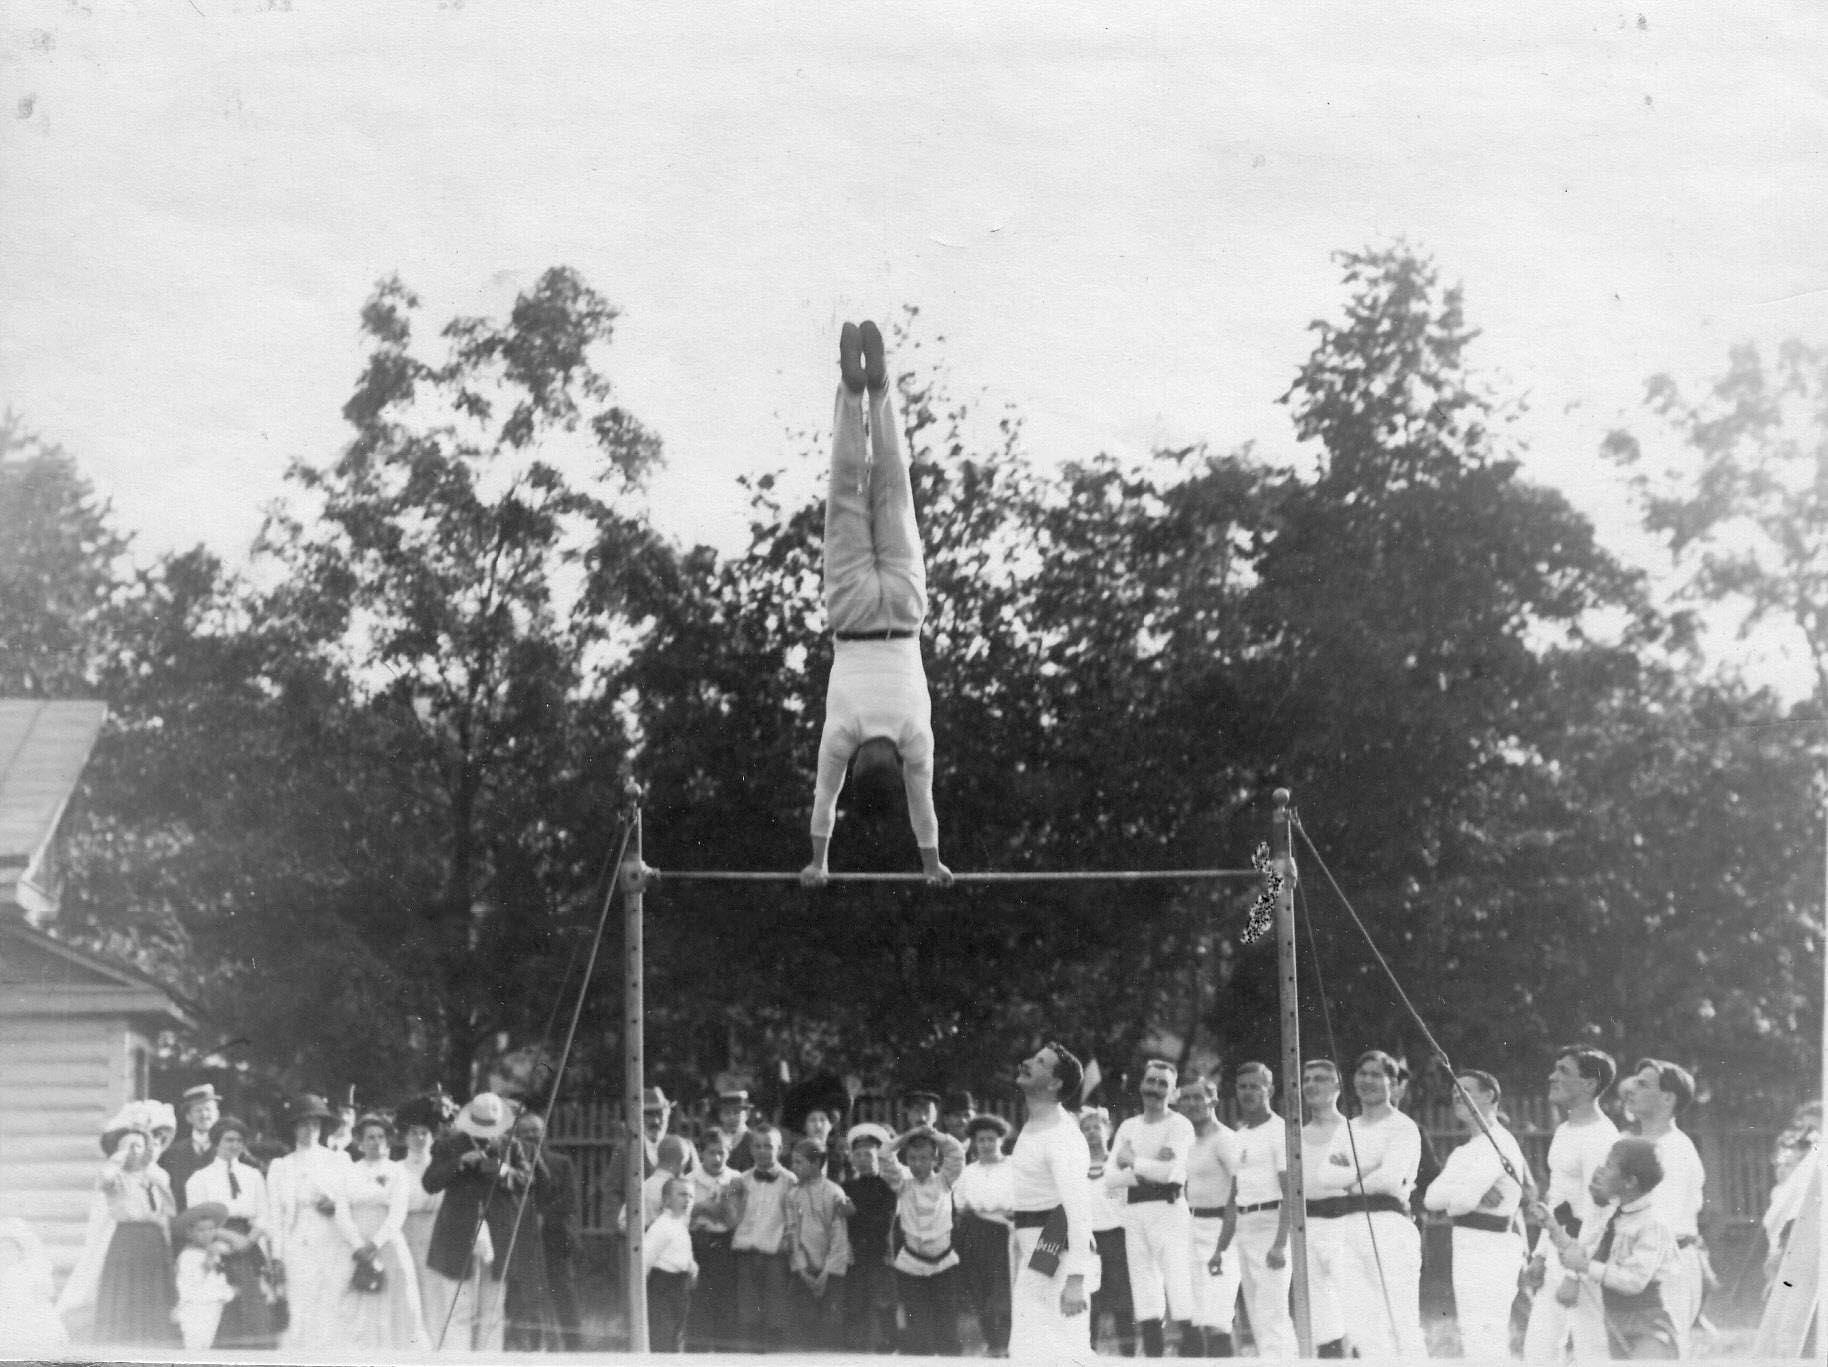 Гимнастические упражнения членов общества «Пальма» на турнике